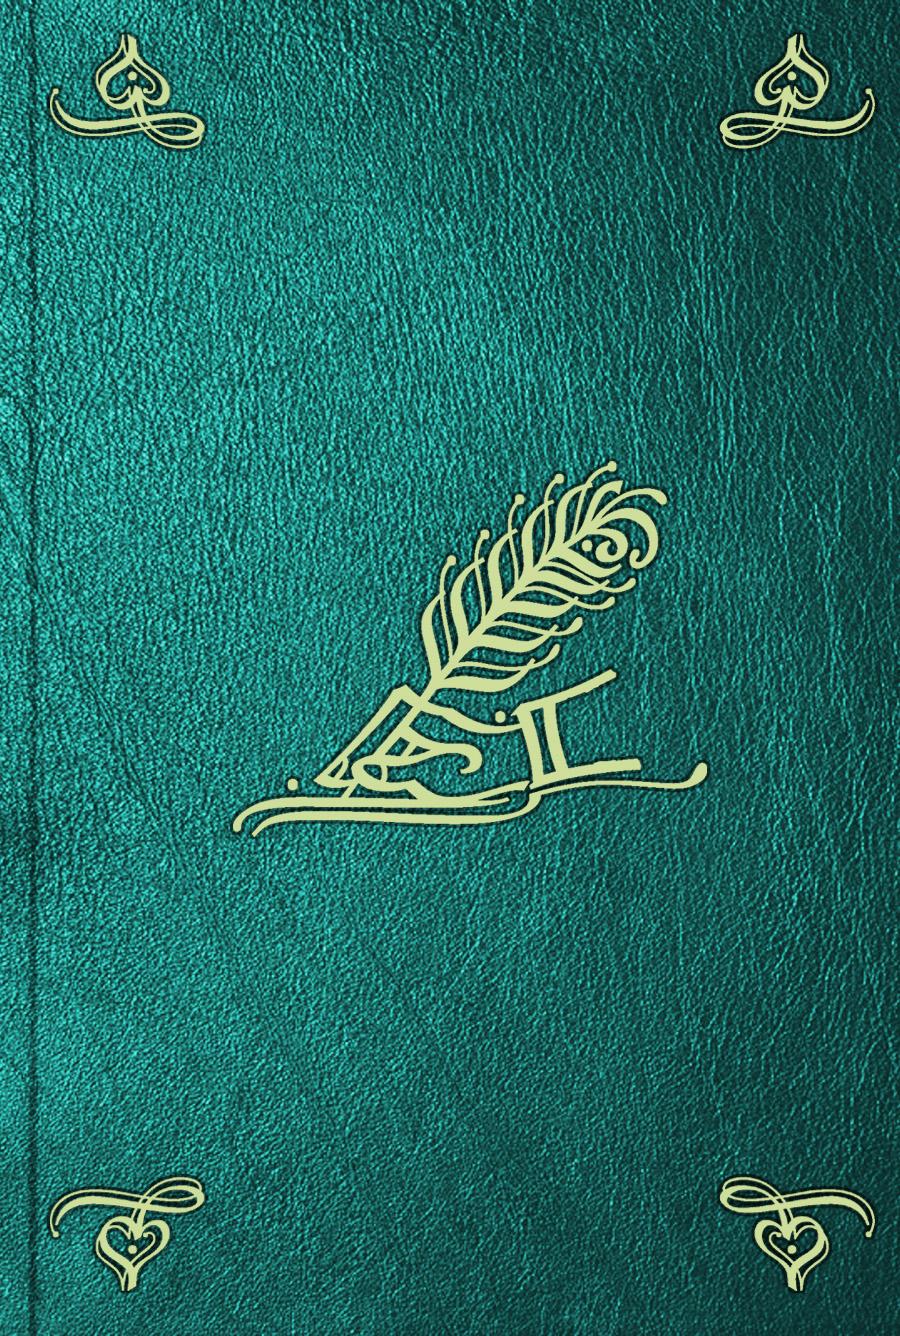 Отсутствует Geographie der Griechen und Römer. T. 4 mahler leonard bernstein symponies nos 9 & 10 das lied von der erde 2 dvd page 4